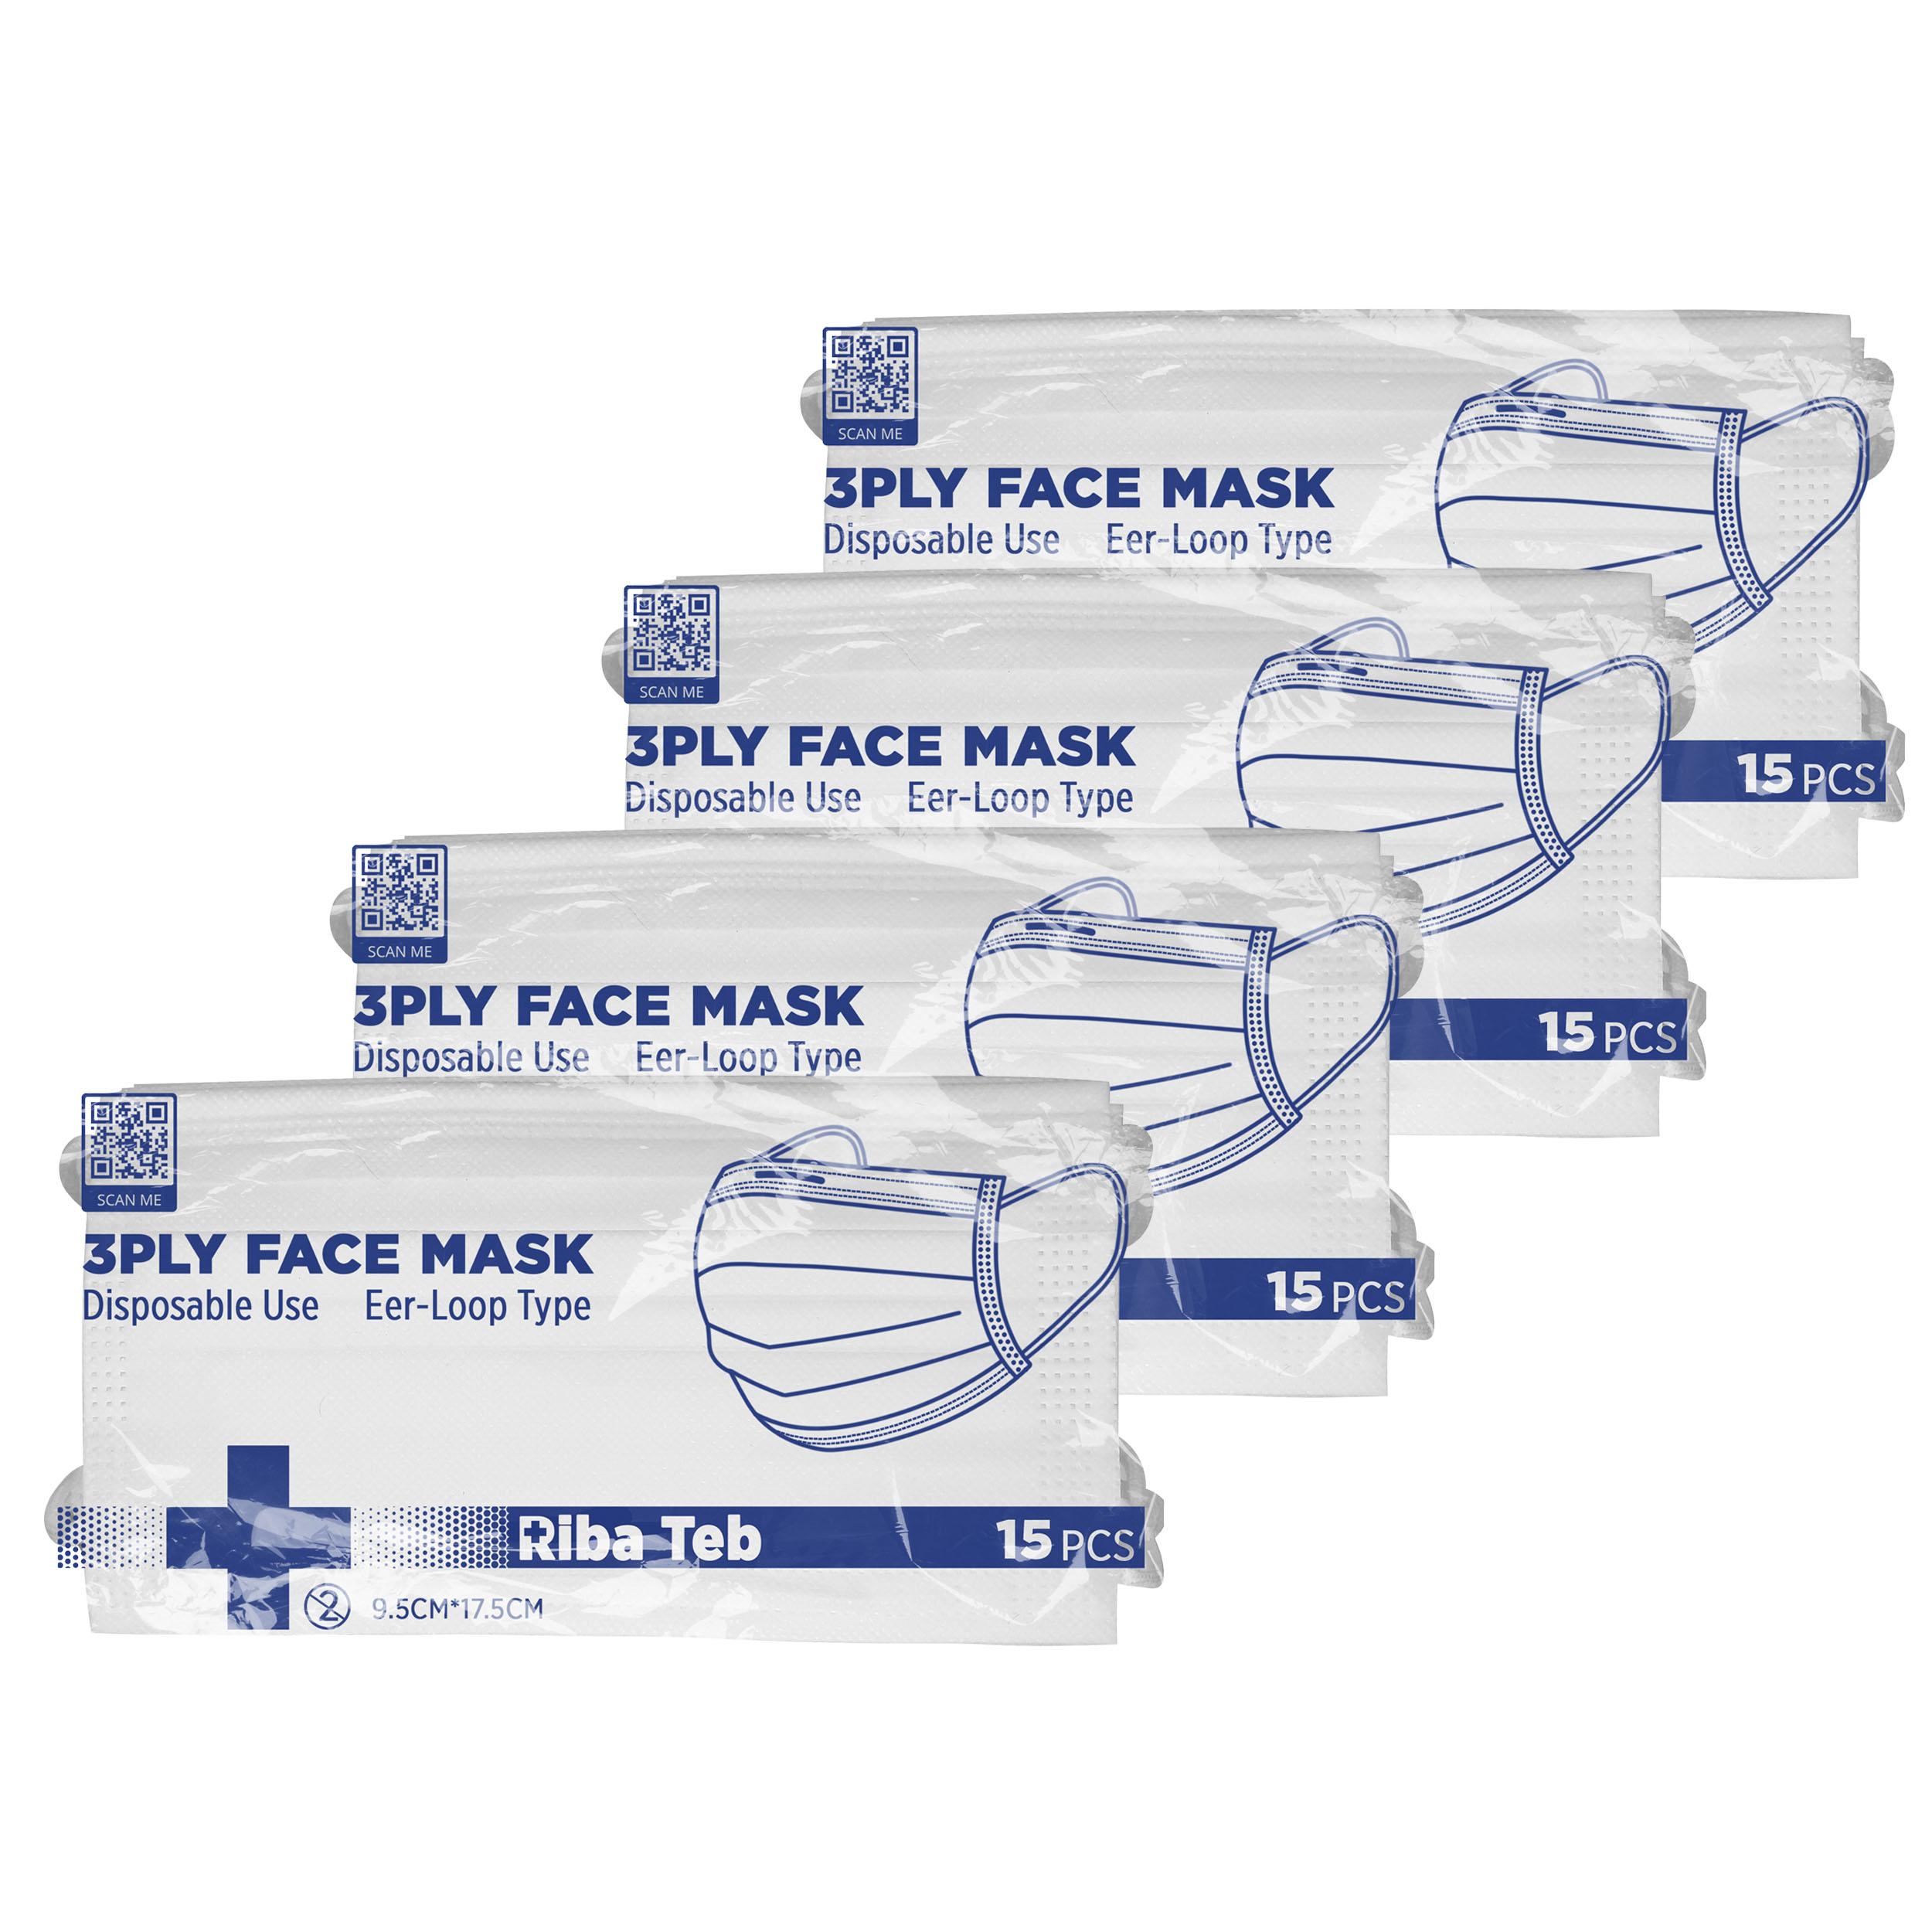 ماسک تنفسی ریباطب مدل پریمیوم مجموعه 60 عددی